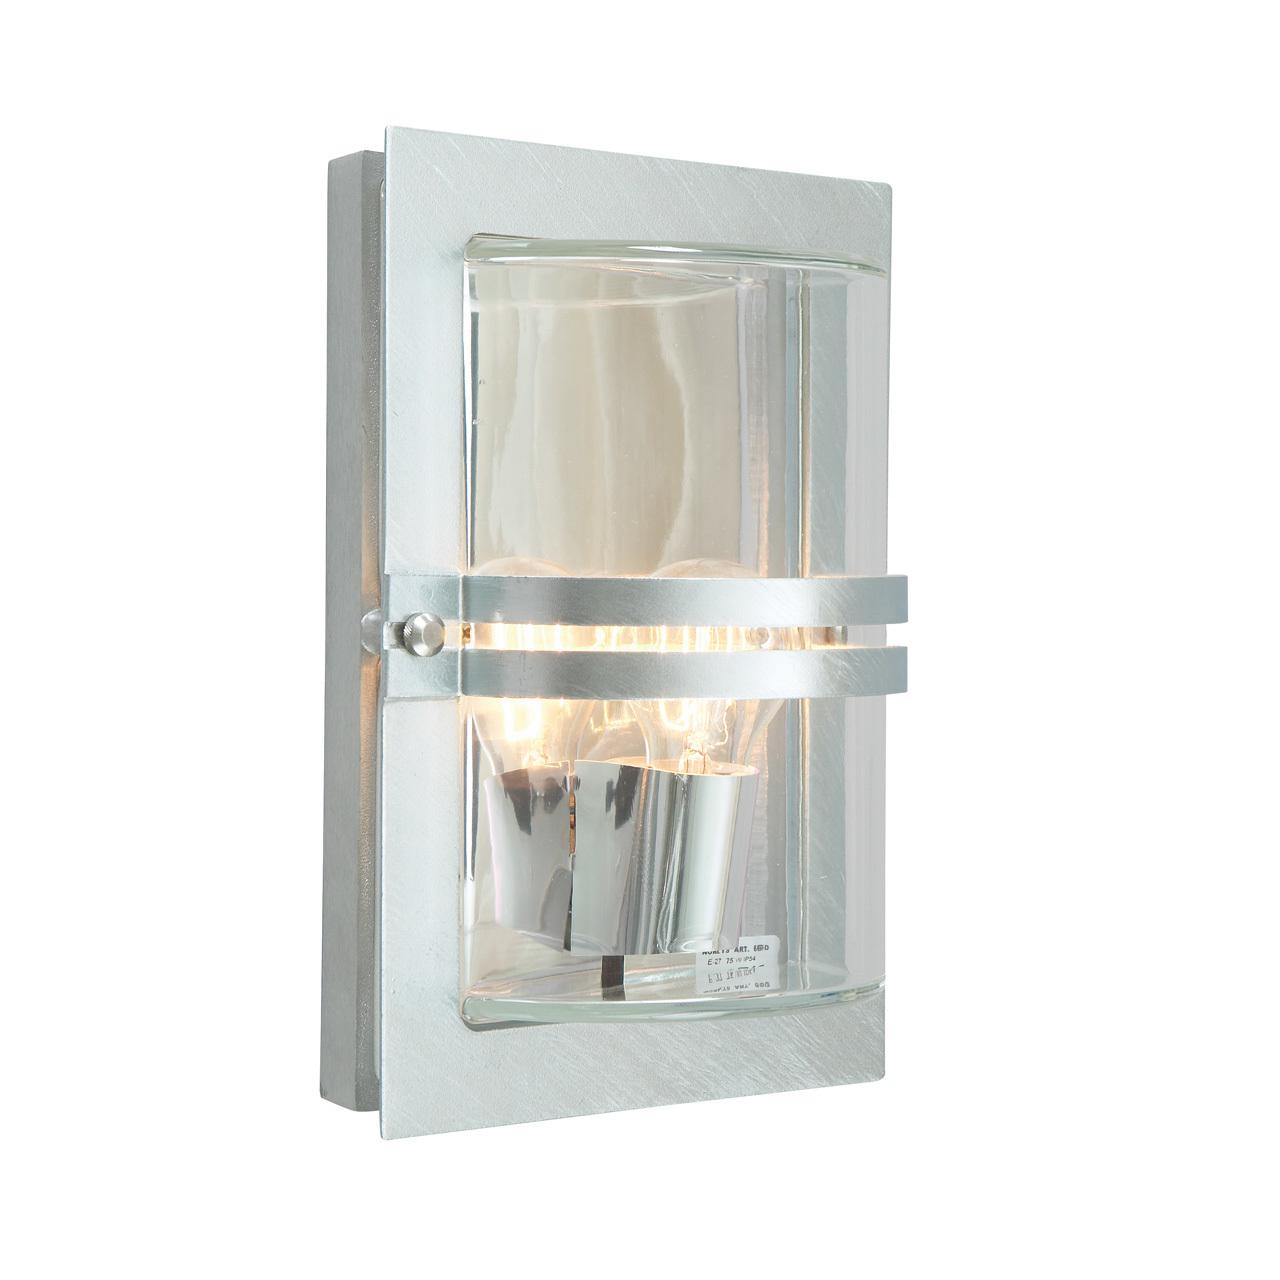 Lampa ścienna BASEL 660GA -Norlys  SPRAWDŹ RABATY  5-10-15-20 % w koszyku